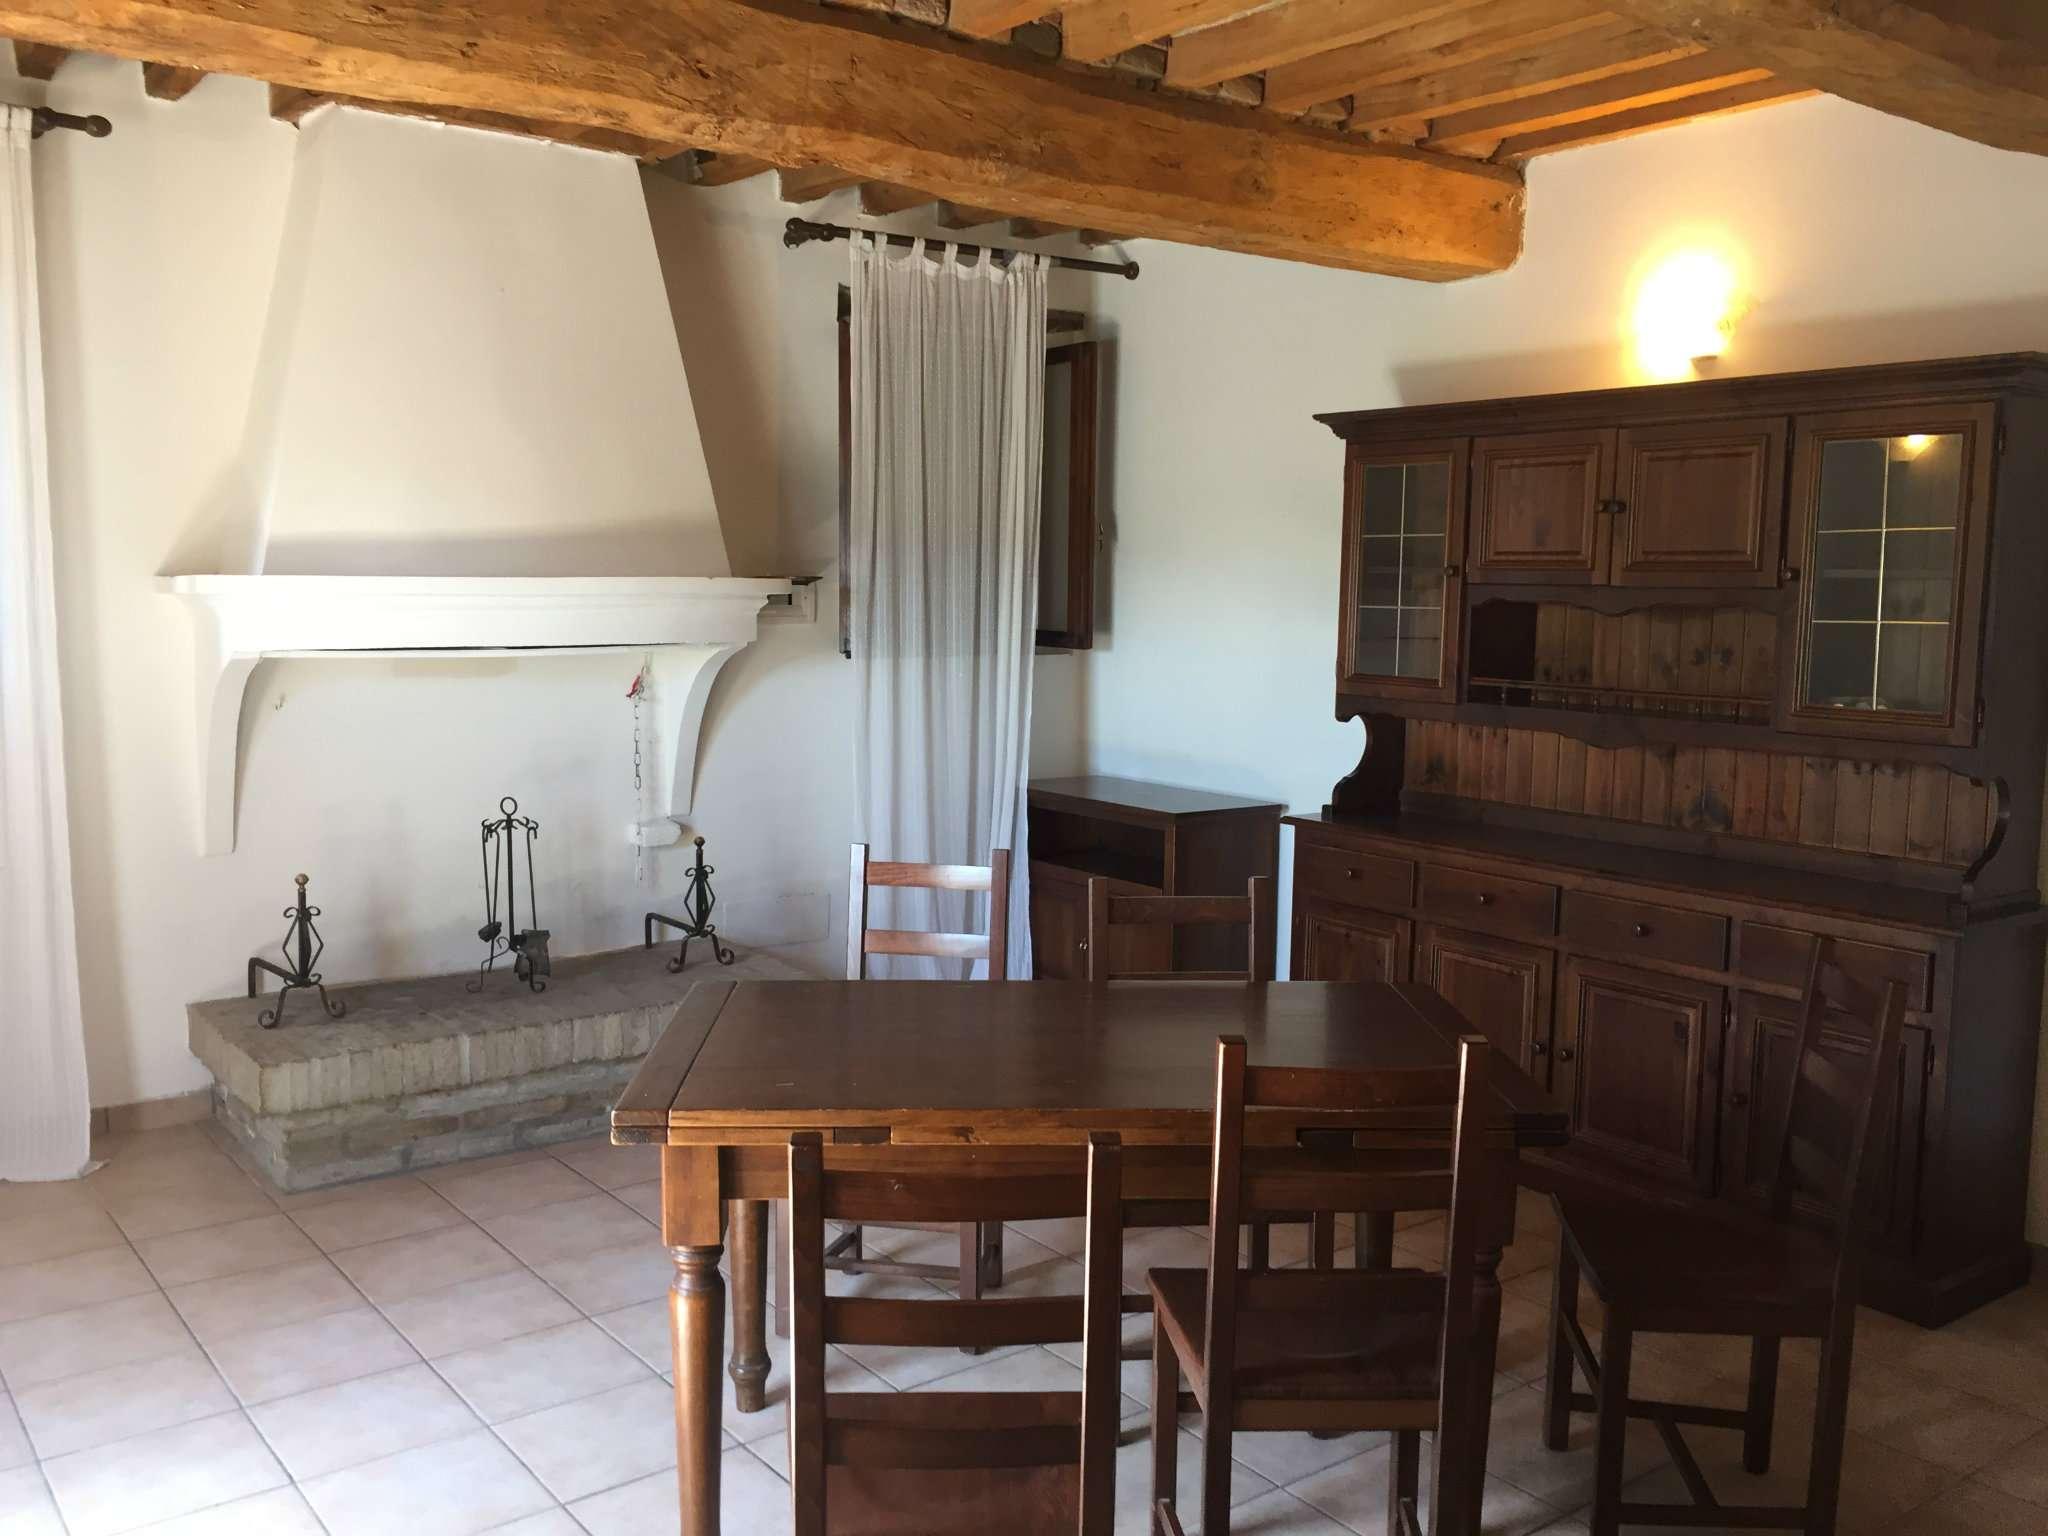 Rustico / Casale in vendita a Cento, 10 locali, Trattative riservate | CambioCasa.it